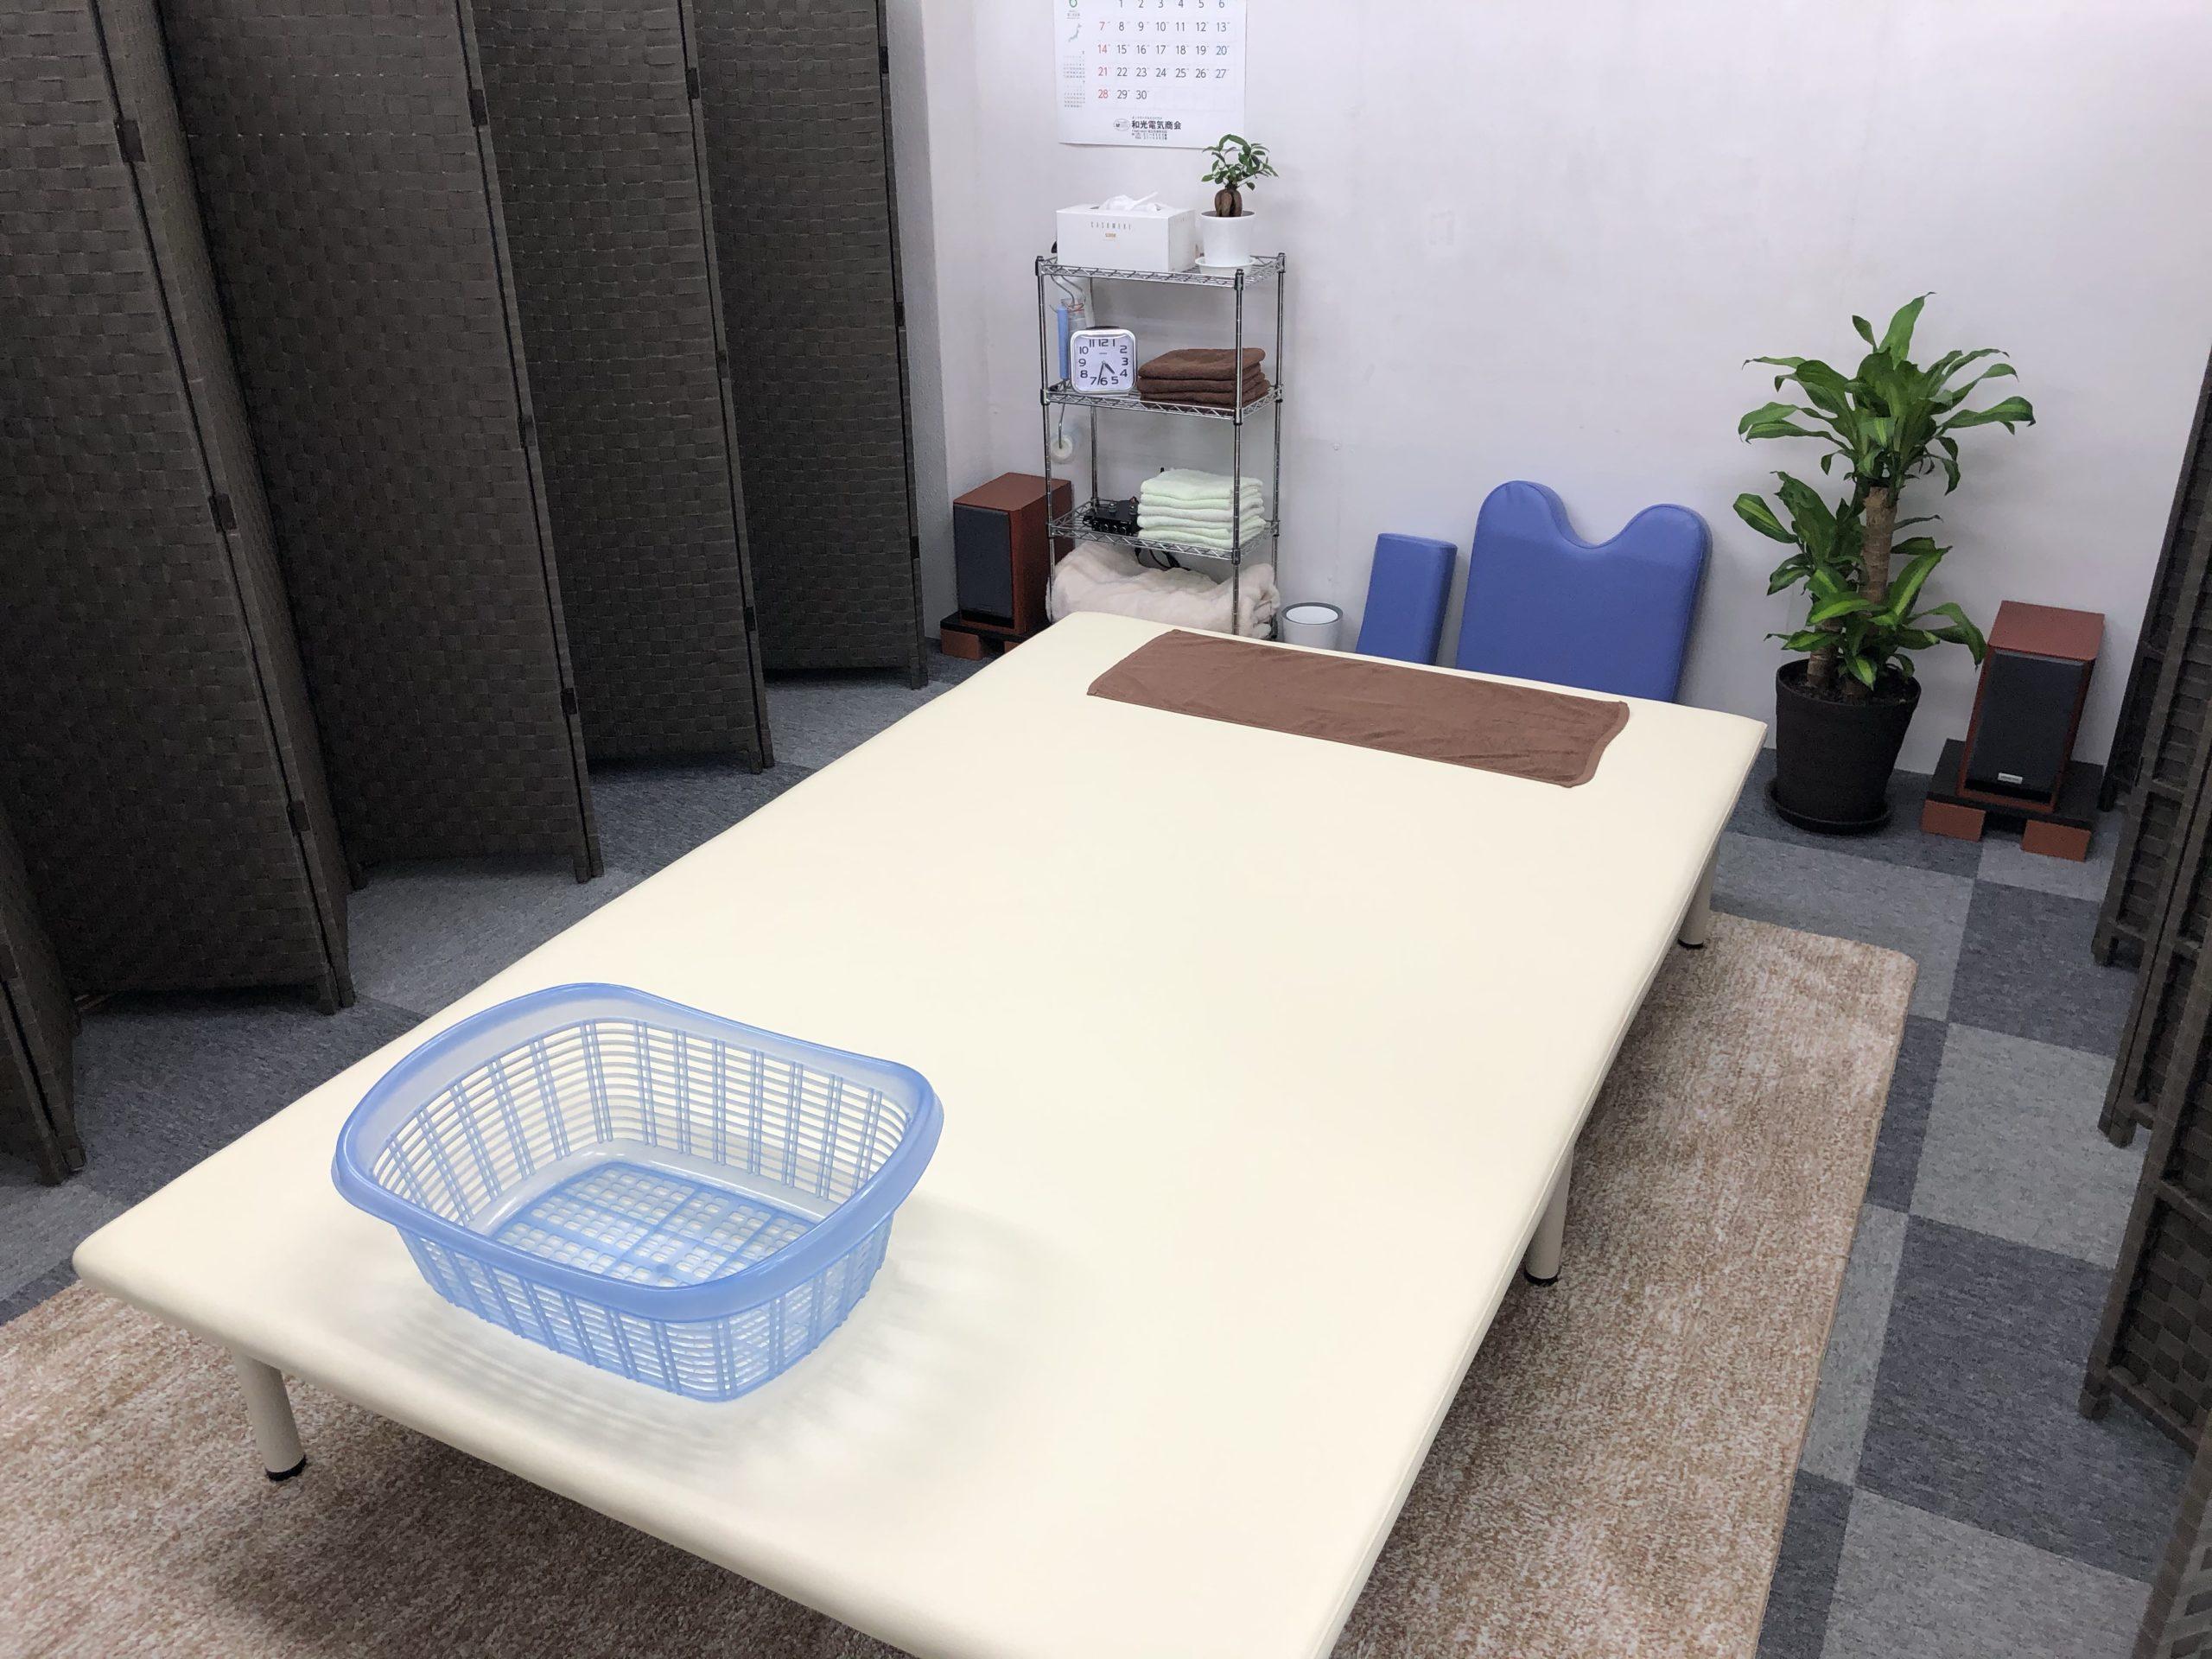 松江市みどり整体 施術スペース ベッド